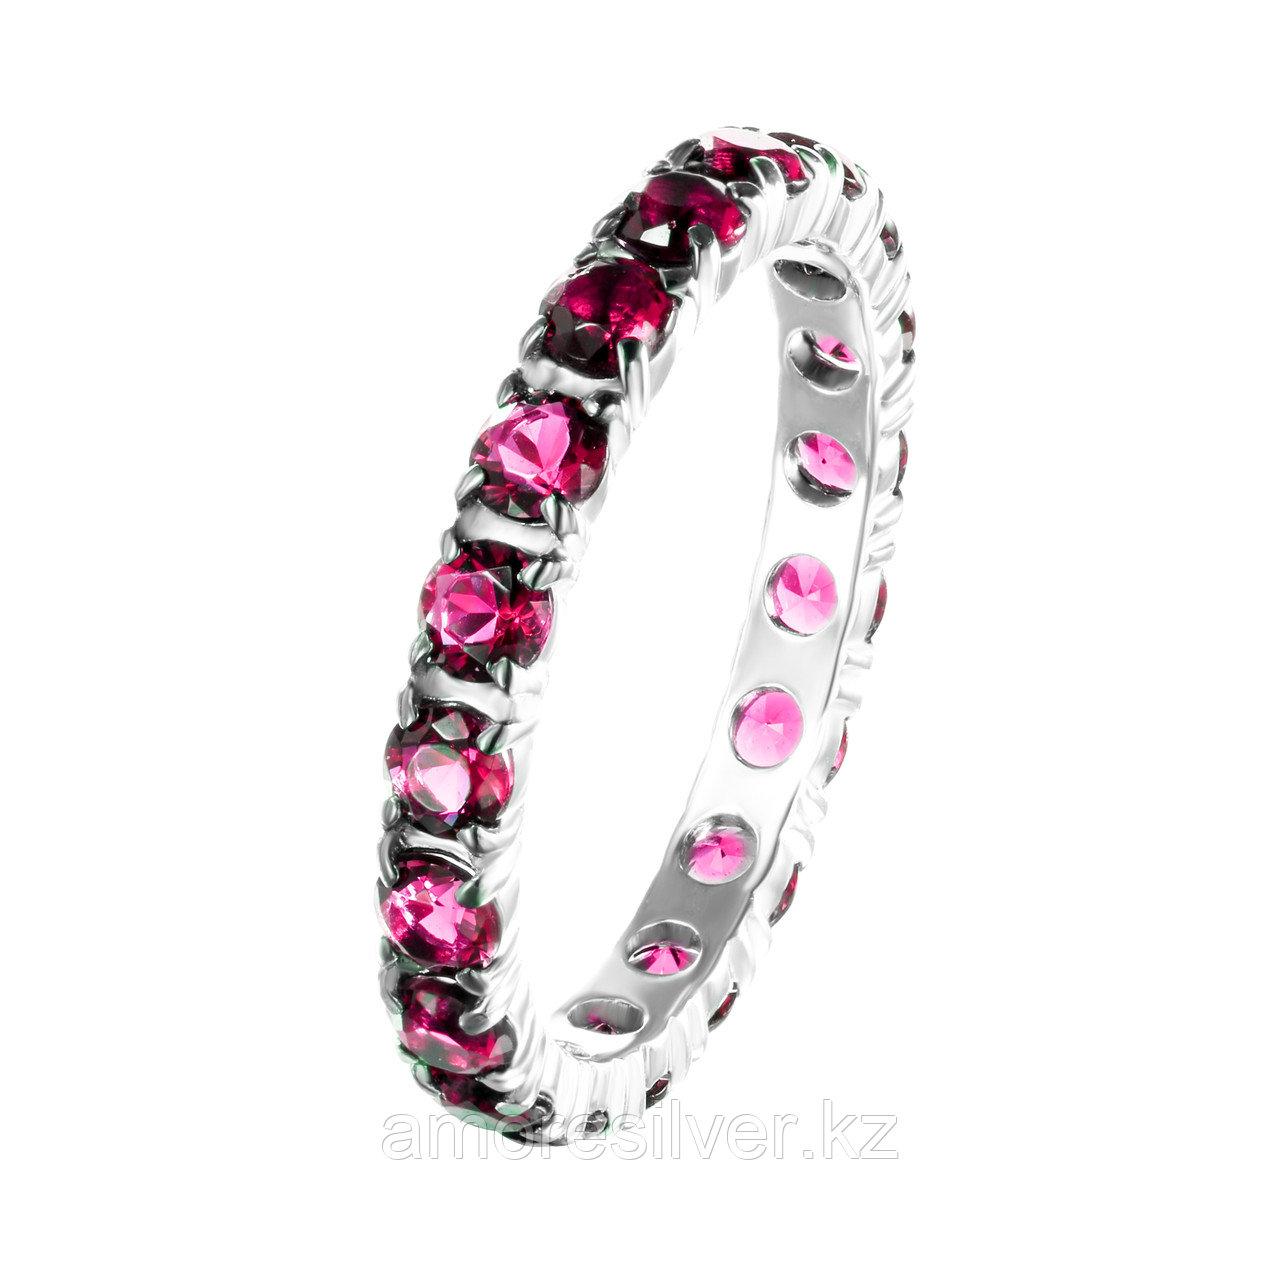 Кольцо TEOSA серебро с родием, рубин синт. 10119-604-RBZ размеры - 17